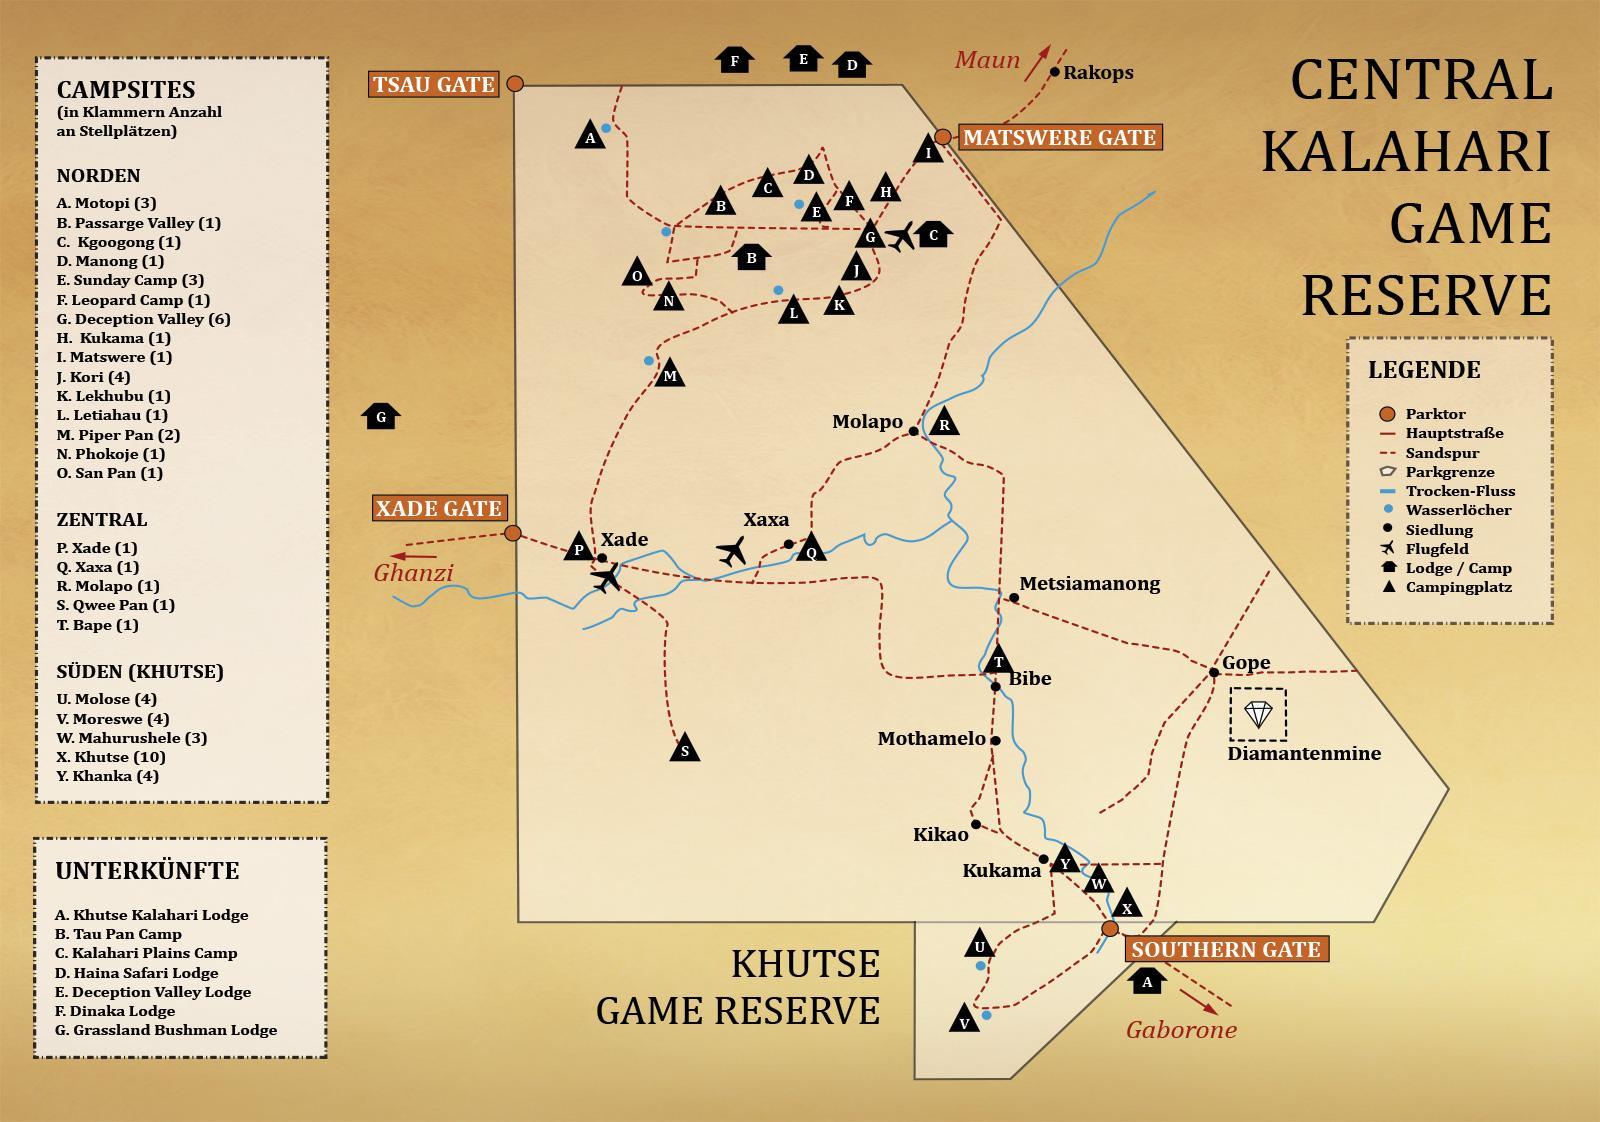 central kalahari game reserve campsites map